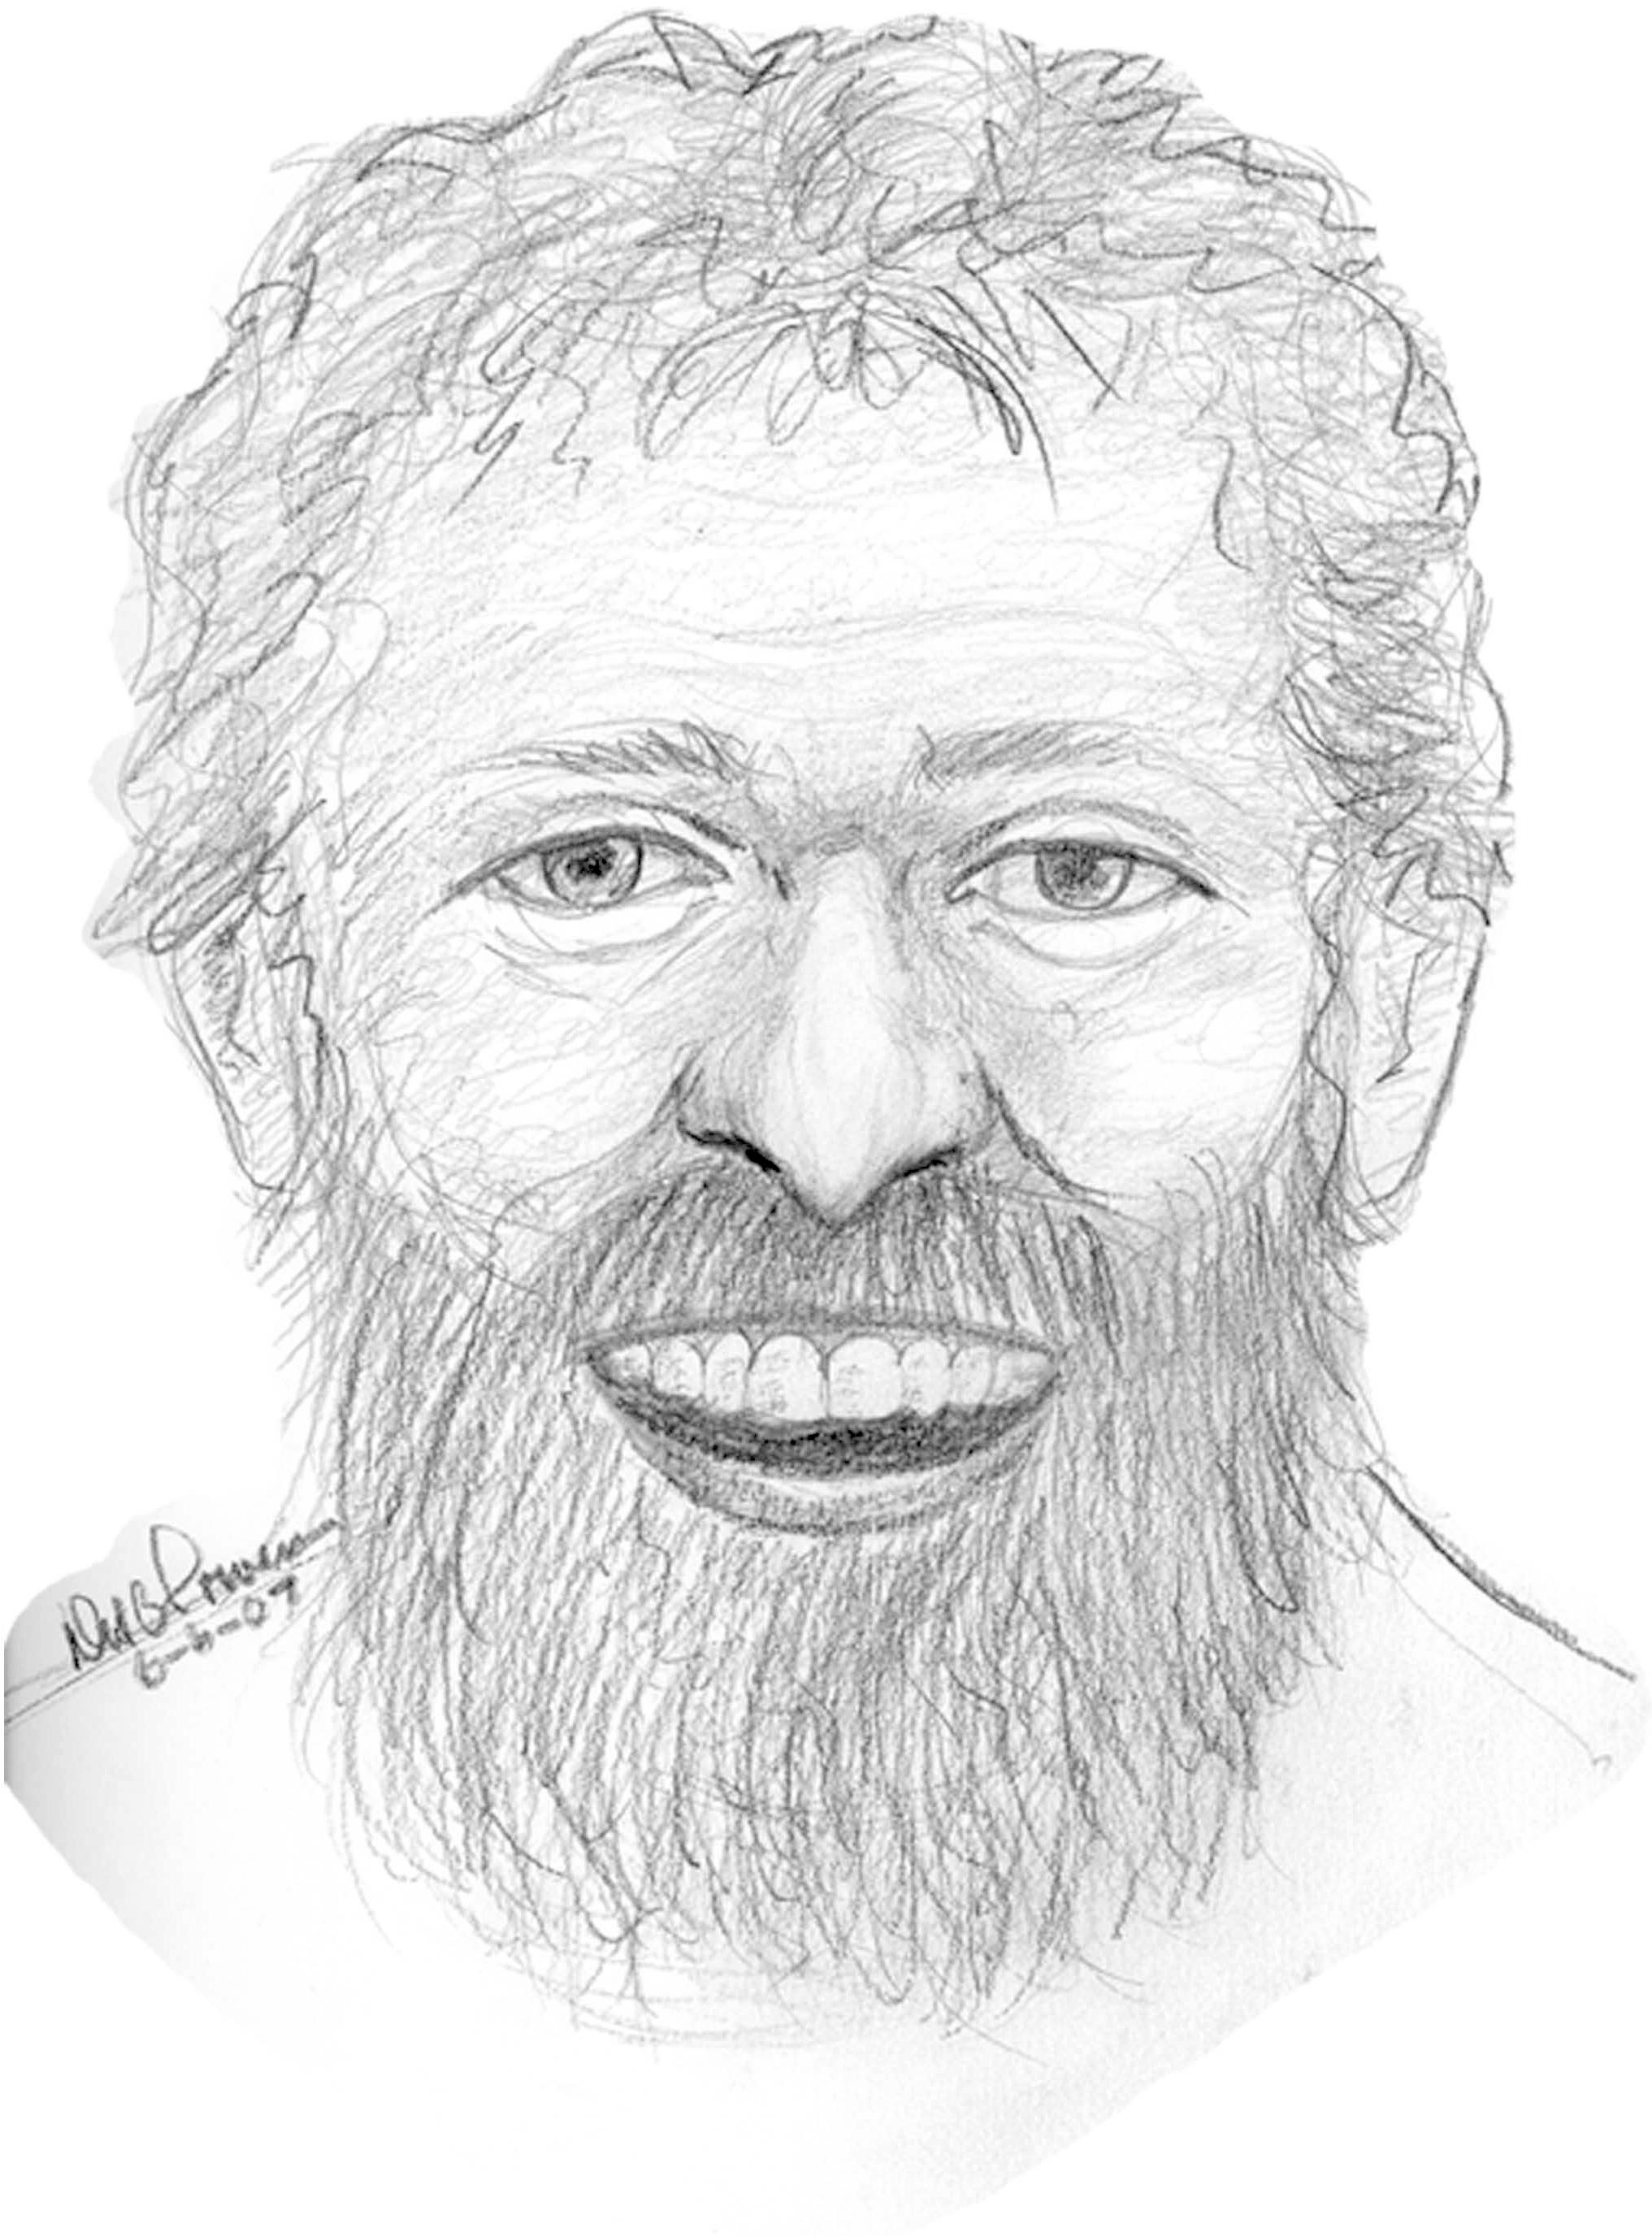 Maricopa County John Doe (1993)